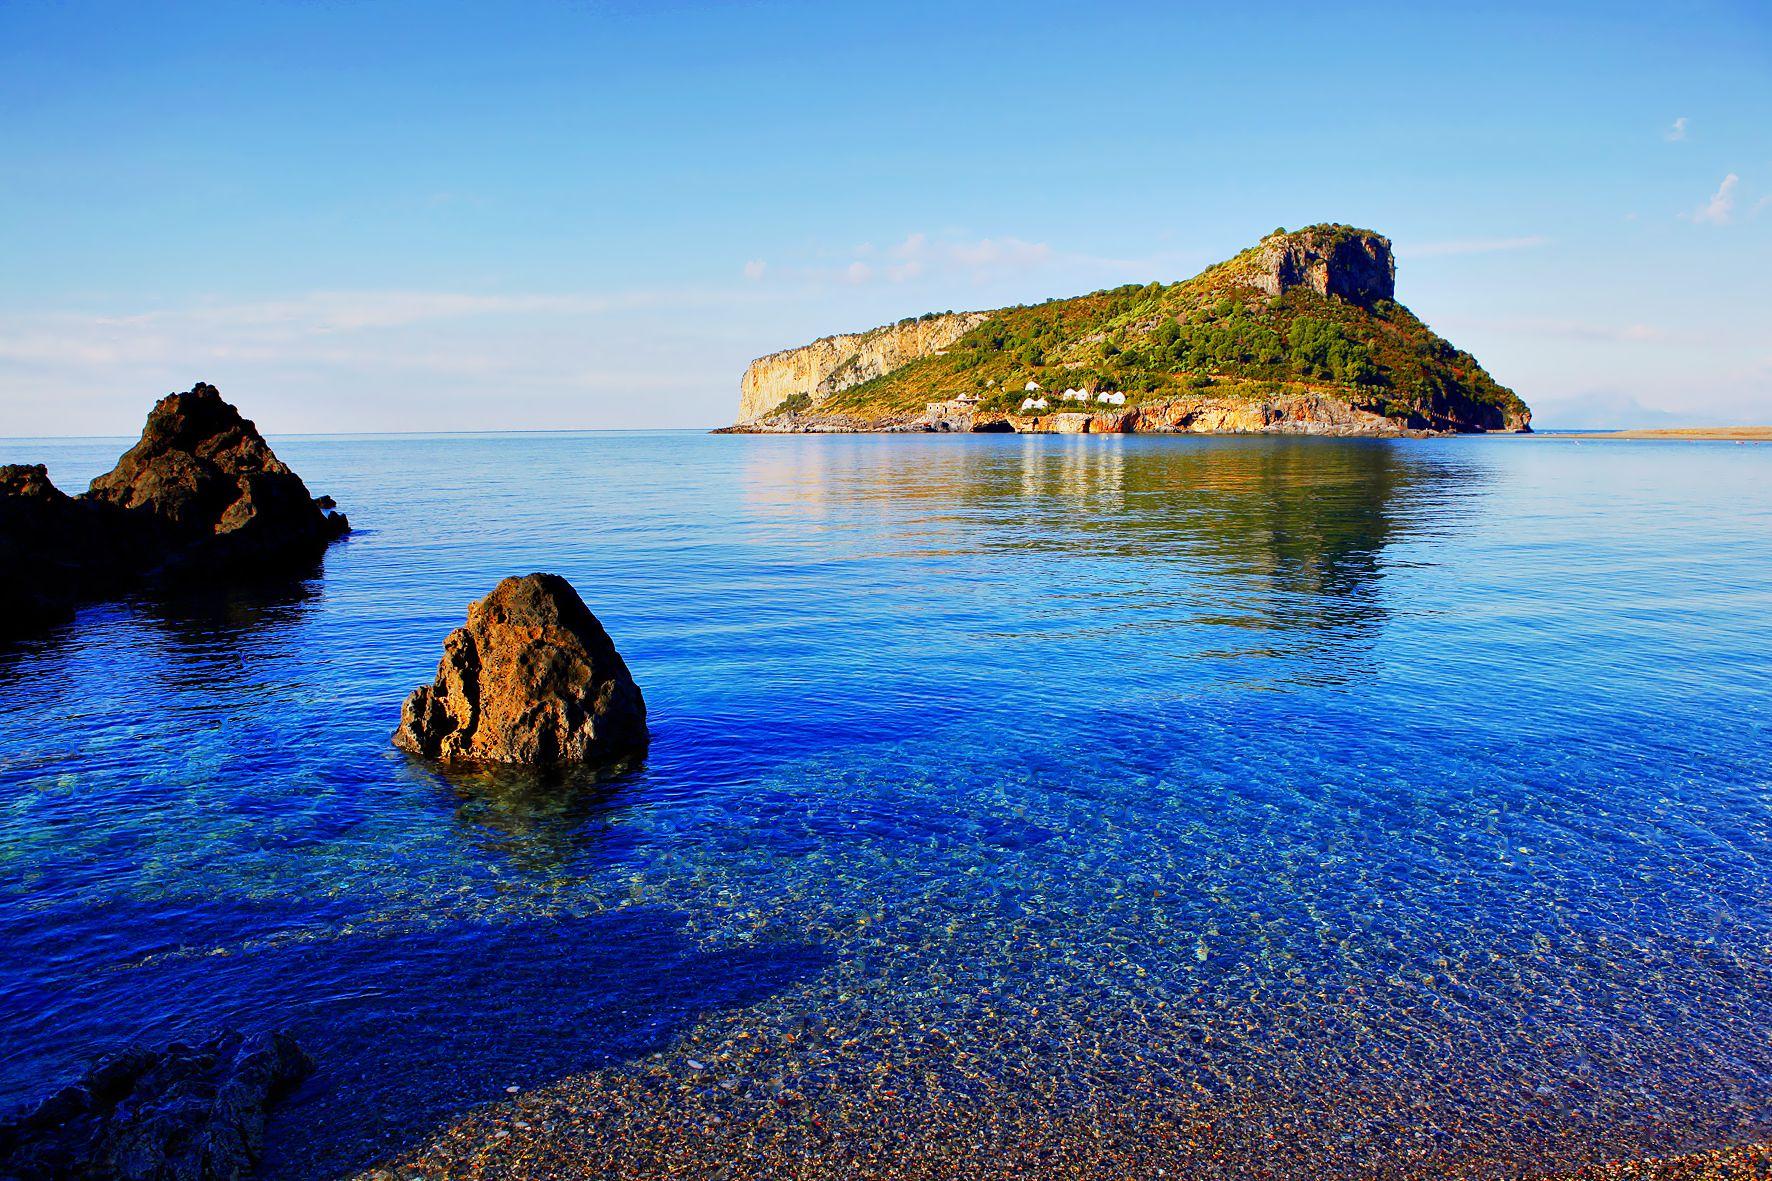 Praia a Mare beach